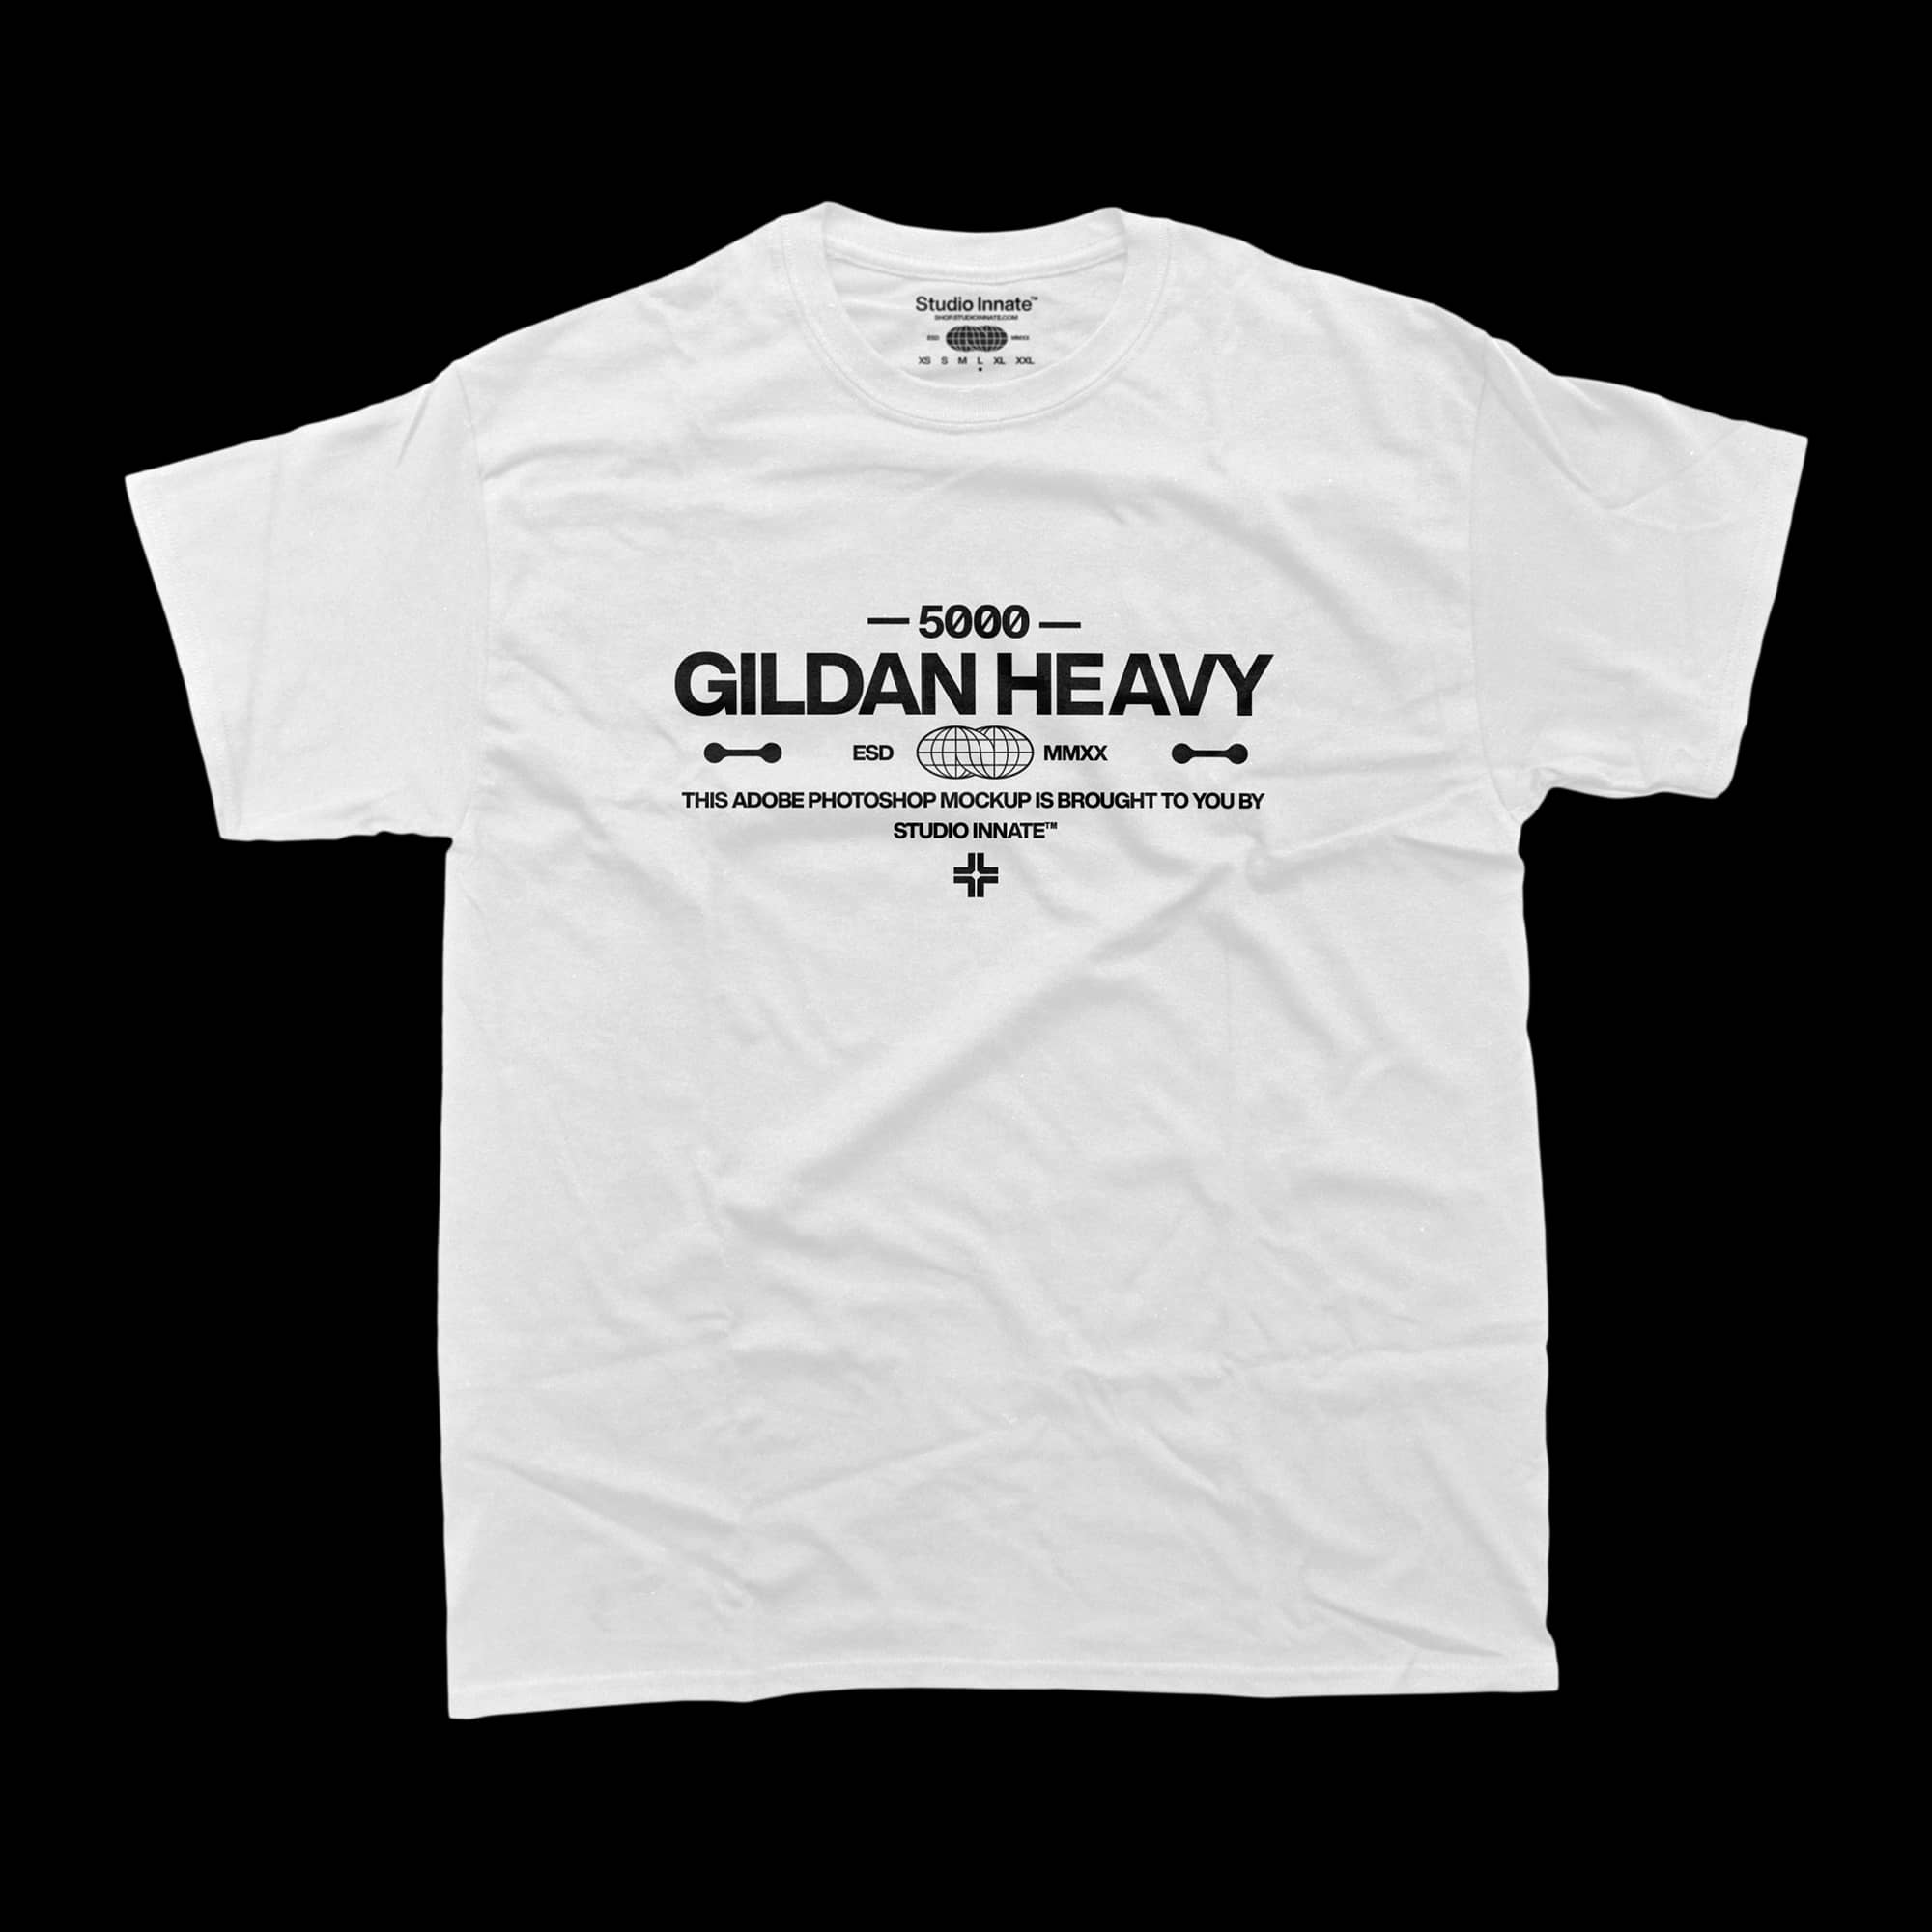 gildan-heavy-front